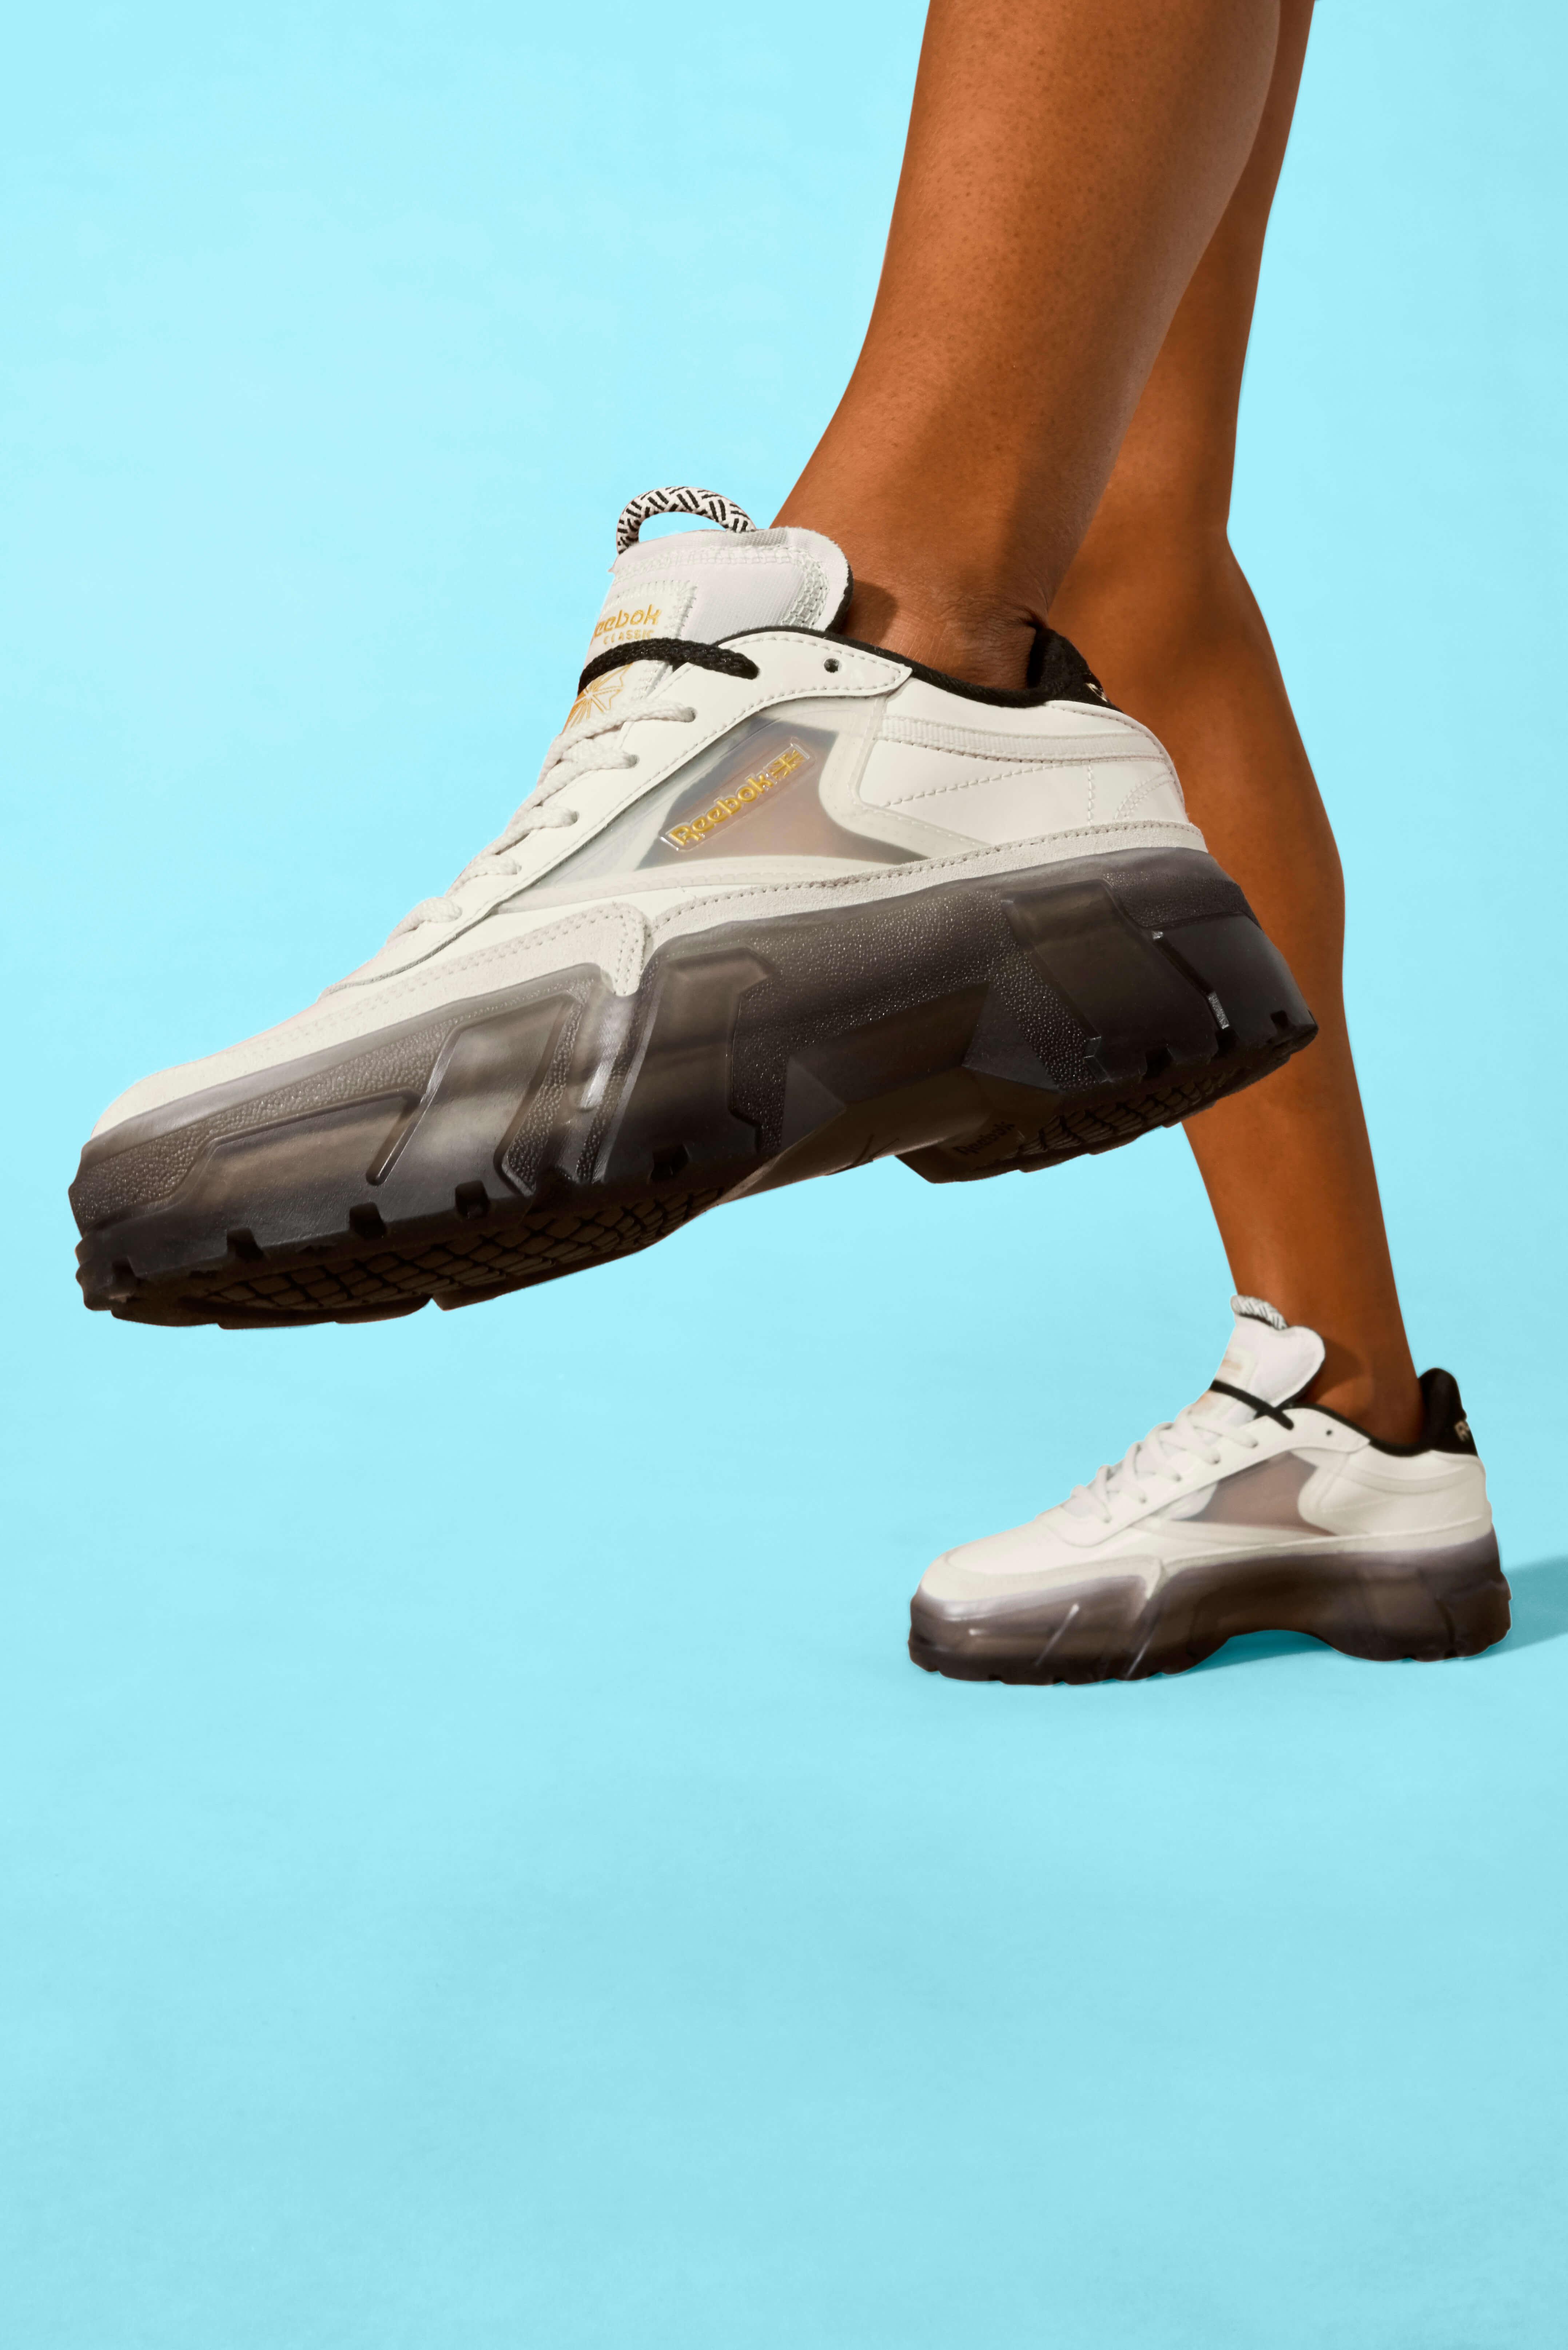 Reebok CLASSIC x Cardi B カーディ・B クラブ シー Cardi B Club C Shoes コラボ image product on-feet